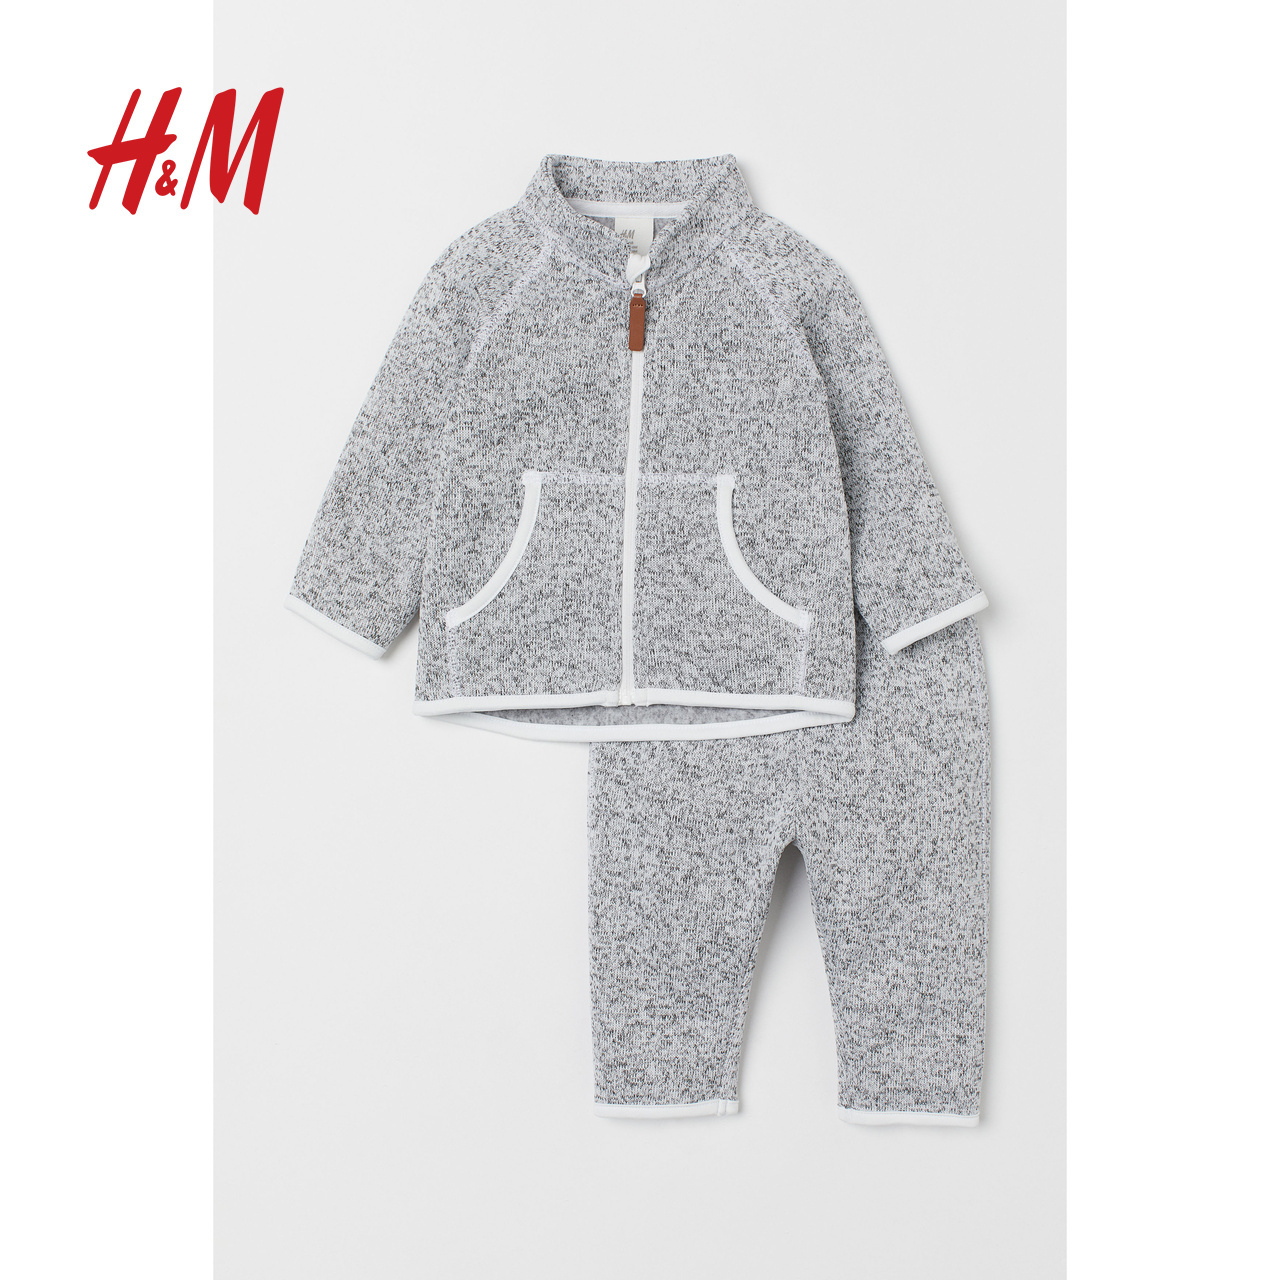 H&M童装婴儿宝宝套装2019秋装新款加绒外套和长裤HM0734923